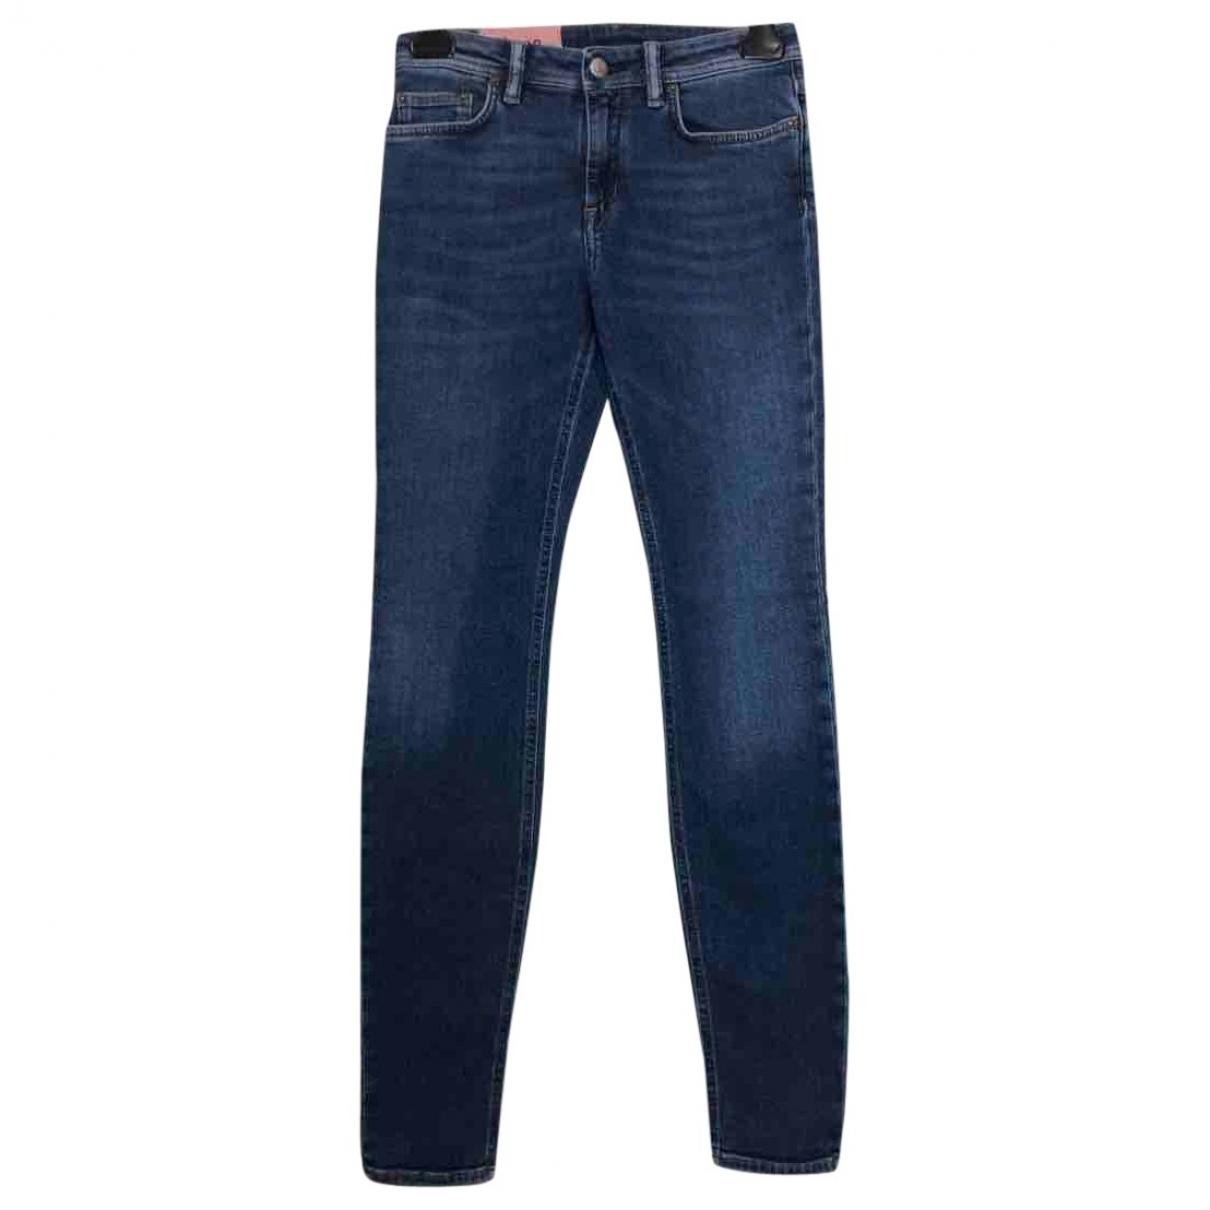 Acne Studios Blå Konst Blue Cotton - elasthane Jeans for Women 25 US